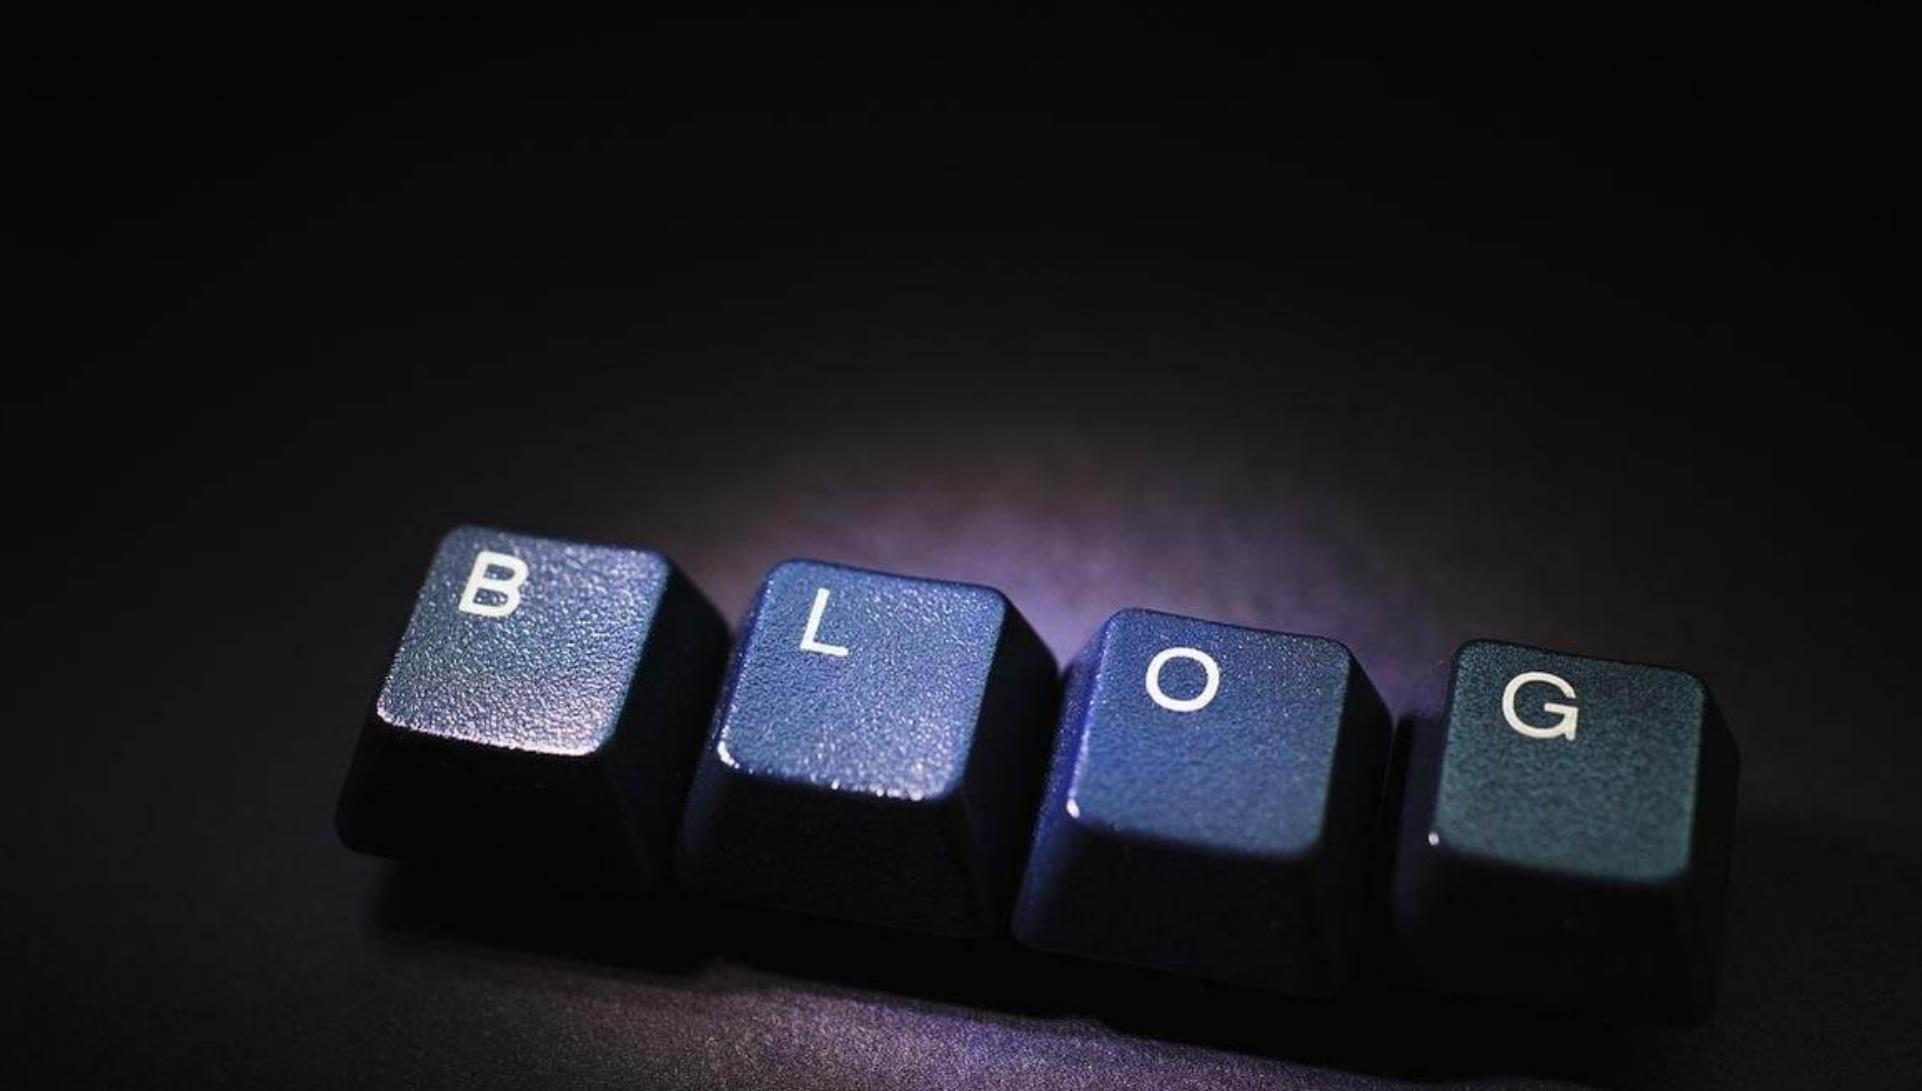 写博客工具|分享几款实用的博客写作工具